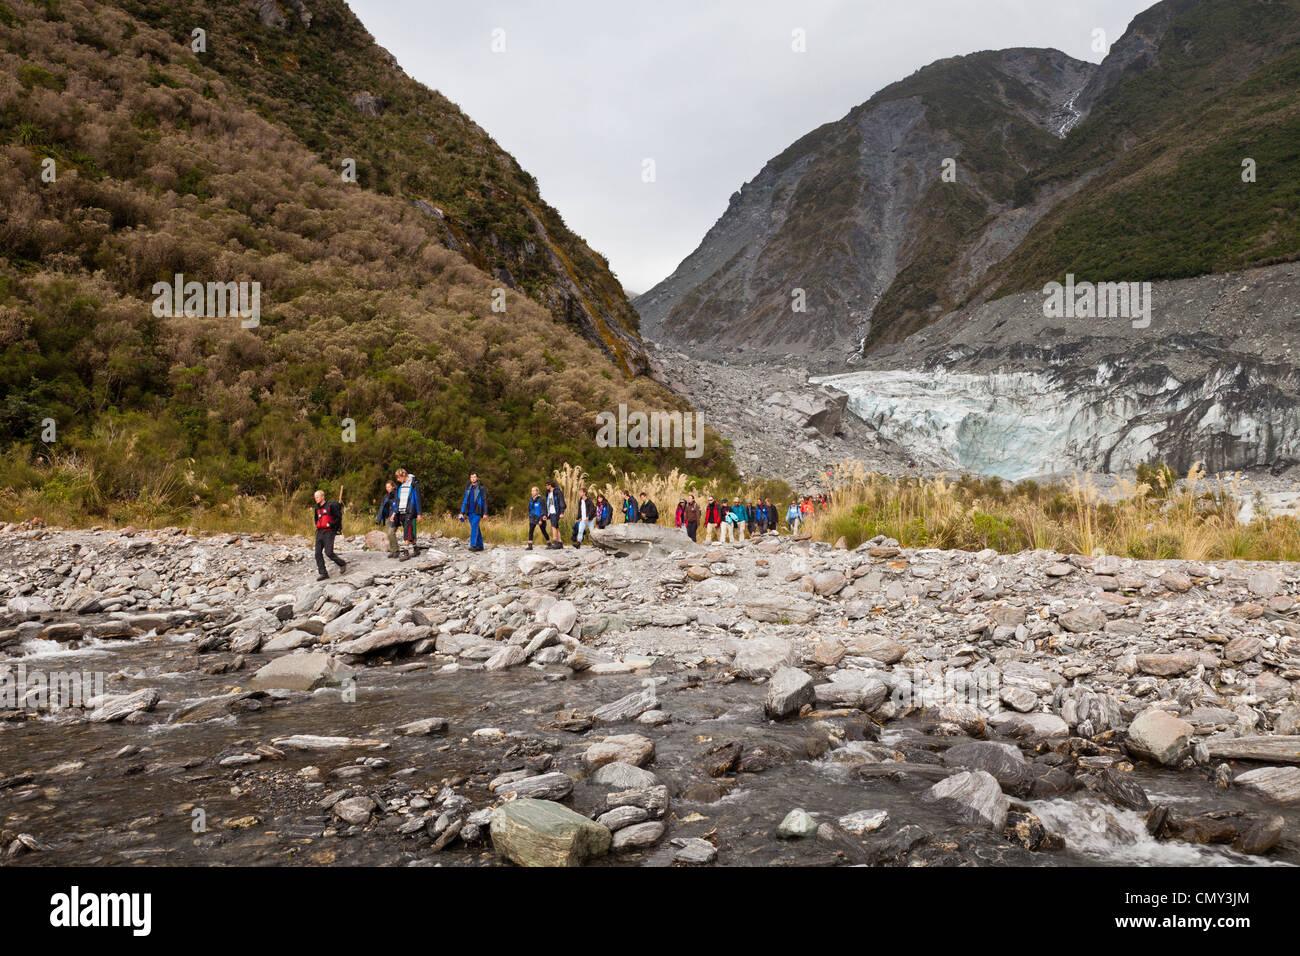 Guiado parte de los turistas que salen de la terminal del glaciar Fox, la costa oeste, Nueva Zelanda. Foto de stock